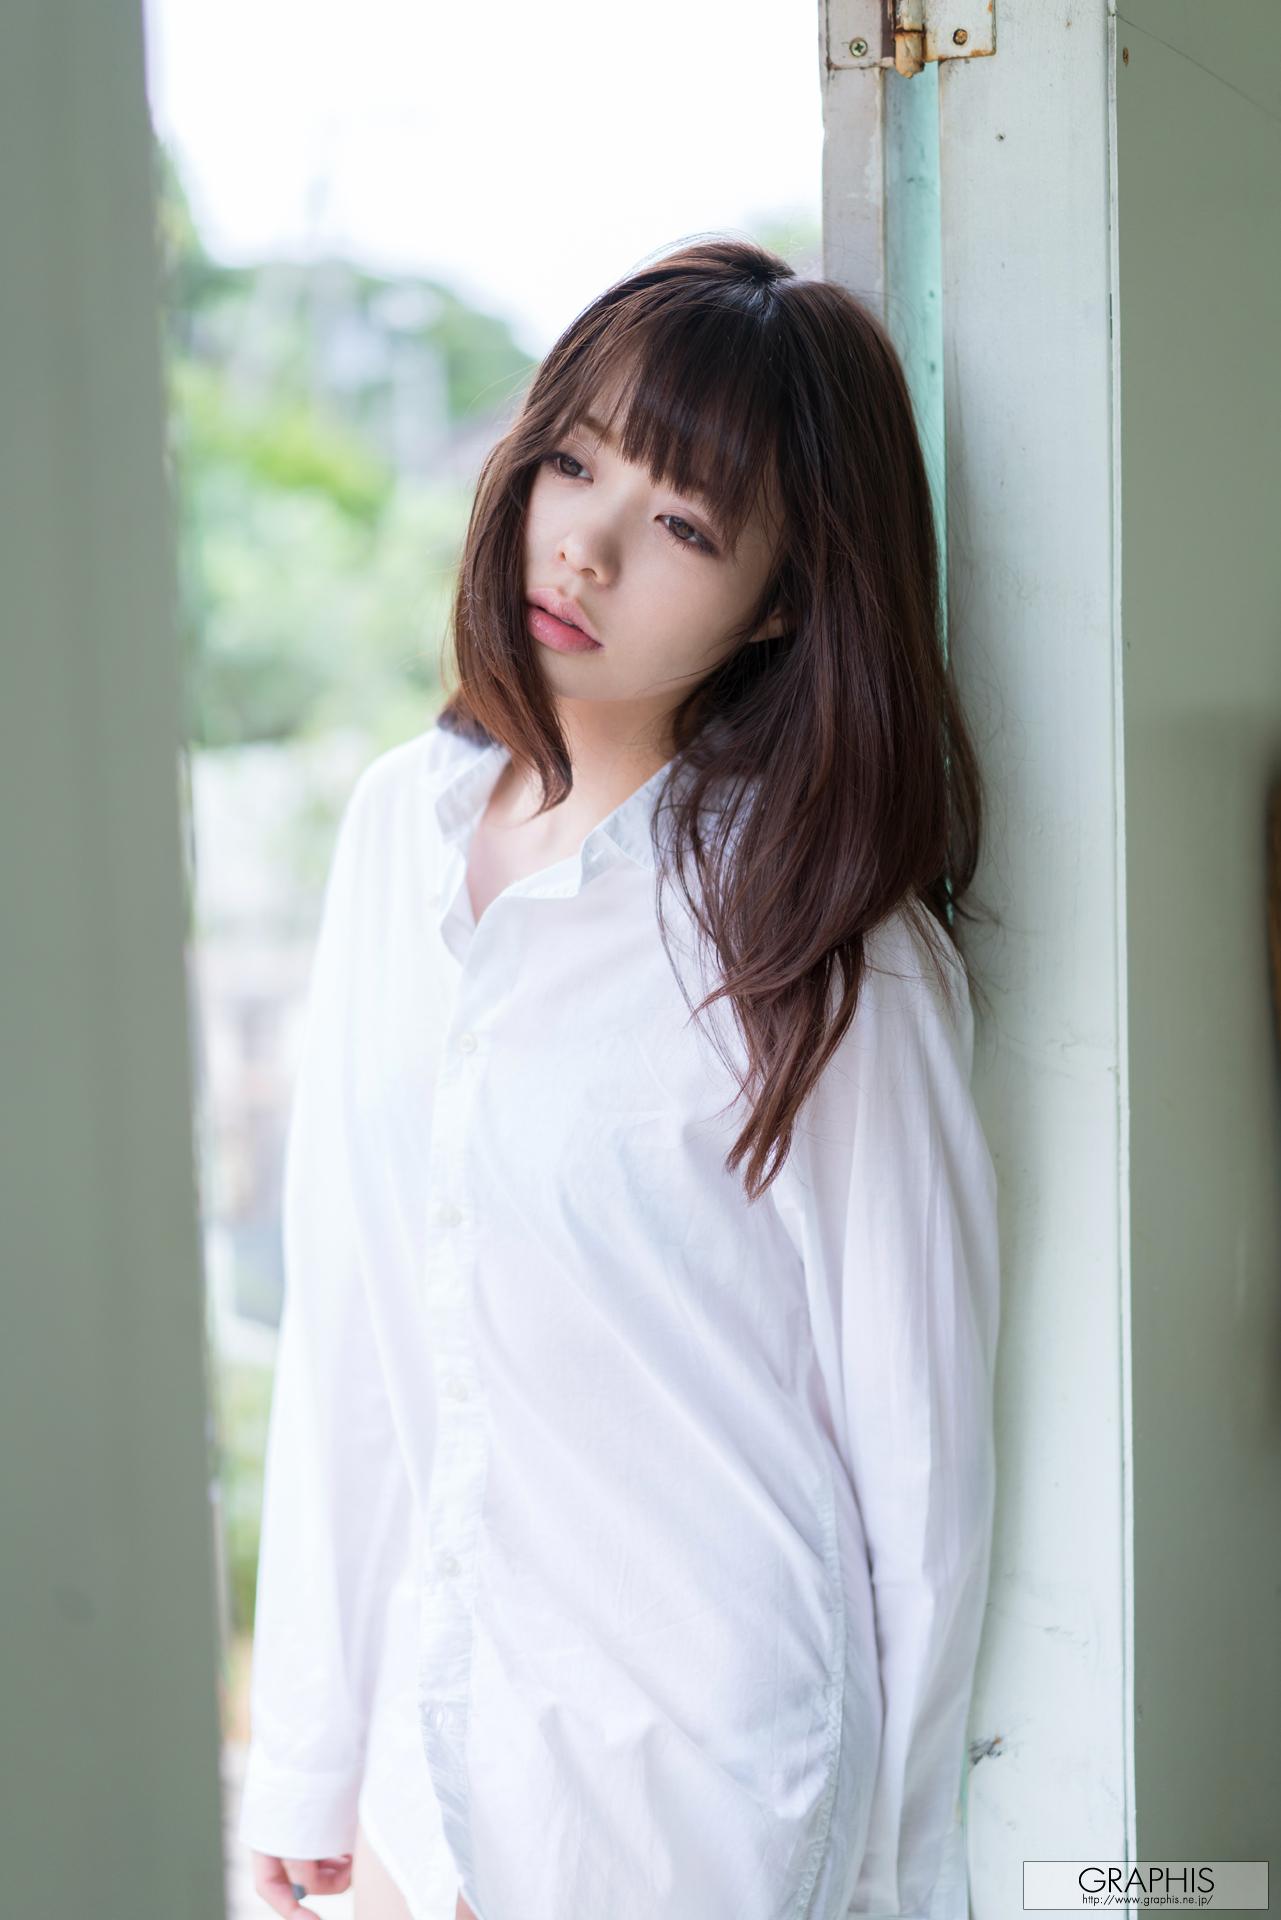 凰かなめ(Kaname Ootori)02 - 貼圖 - 清涼寫真 -